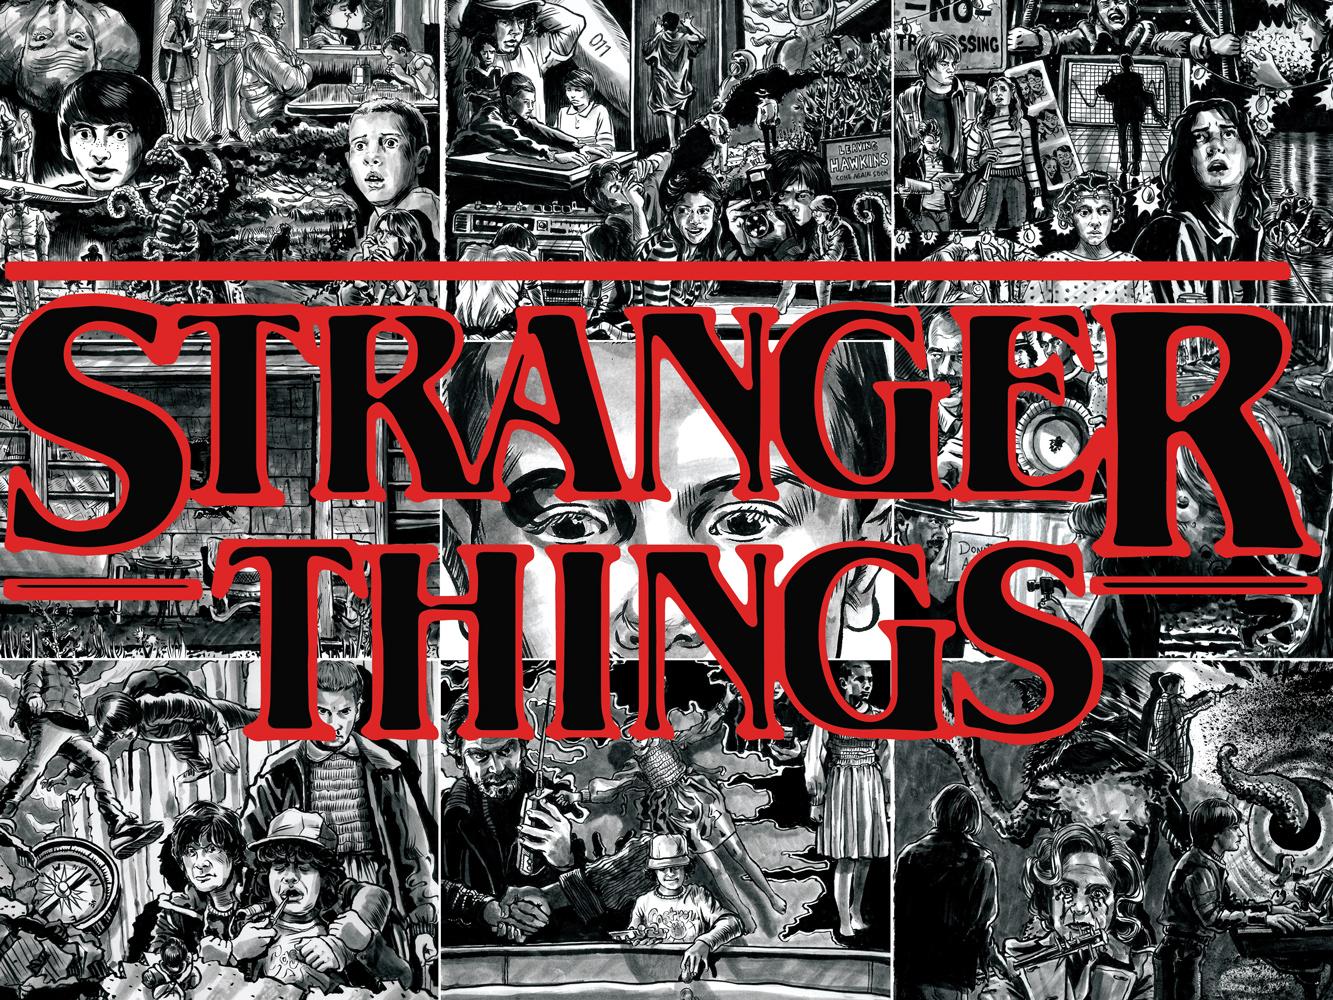 002-strangerthings-poster